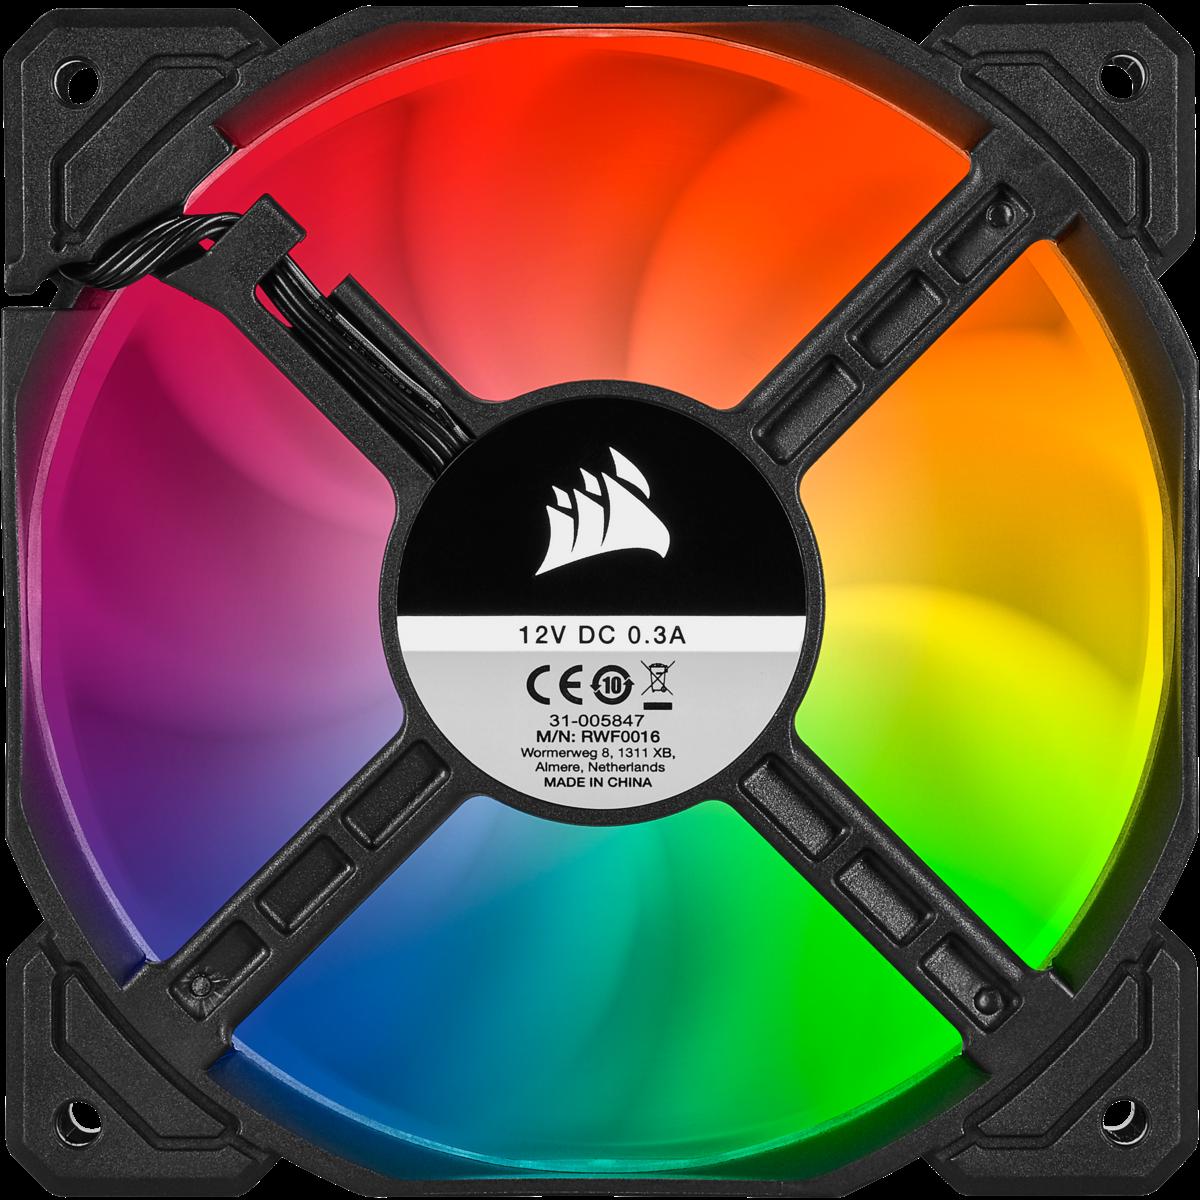 Gallery SP 120 RGB Pro 2